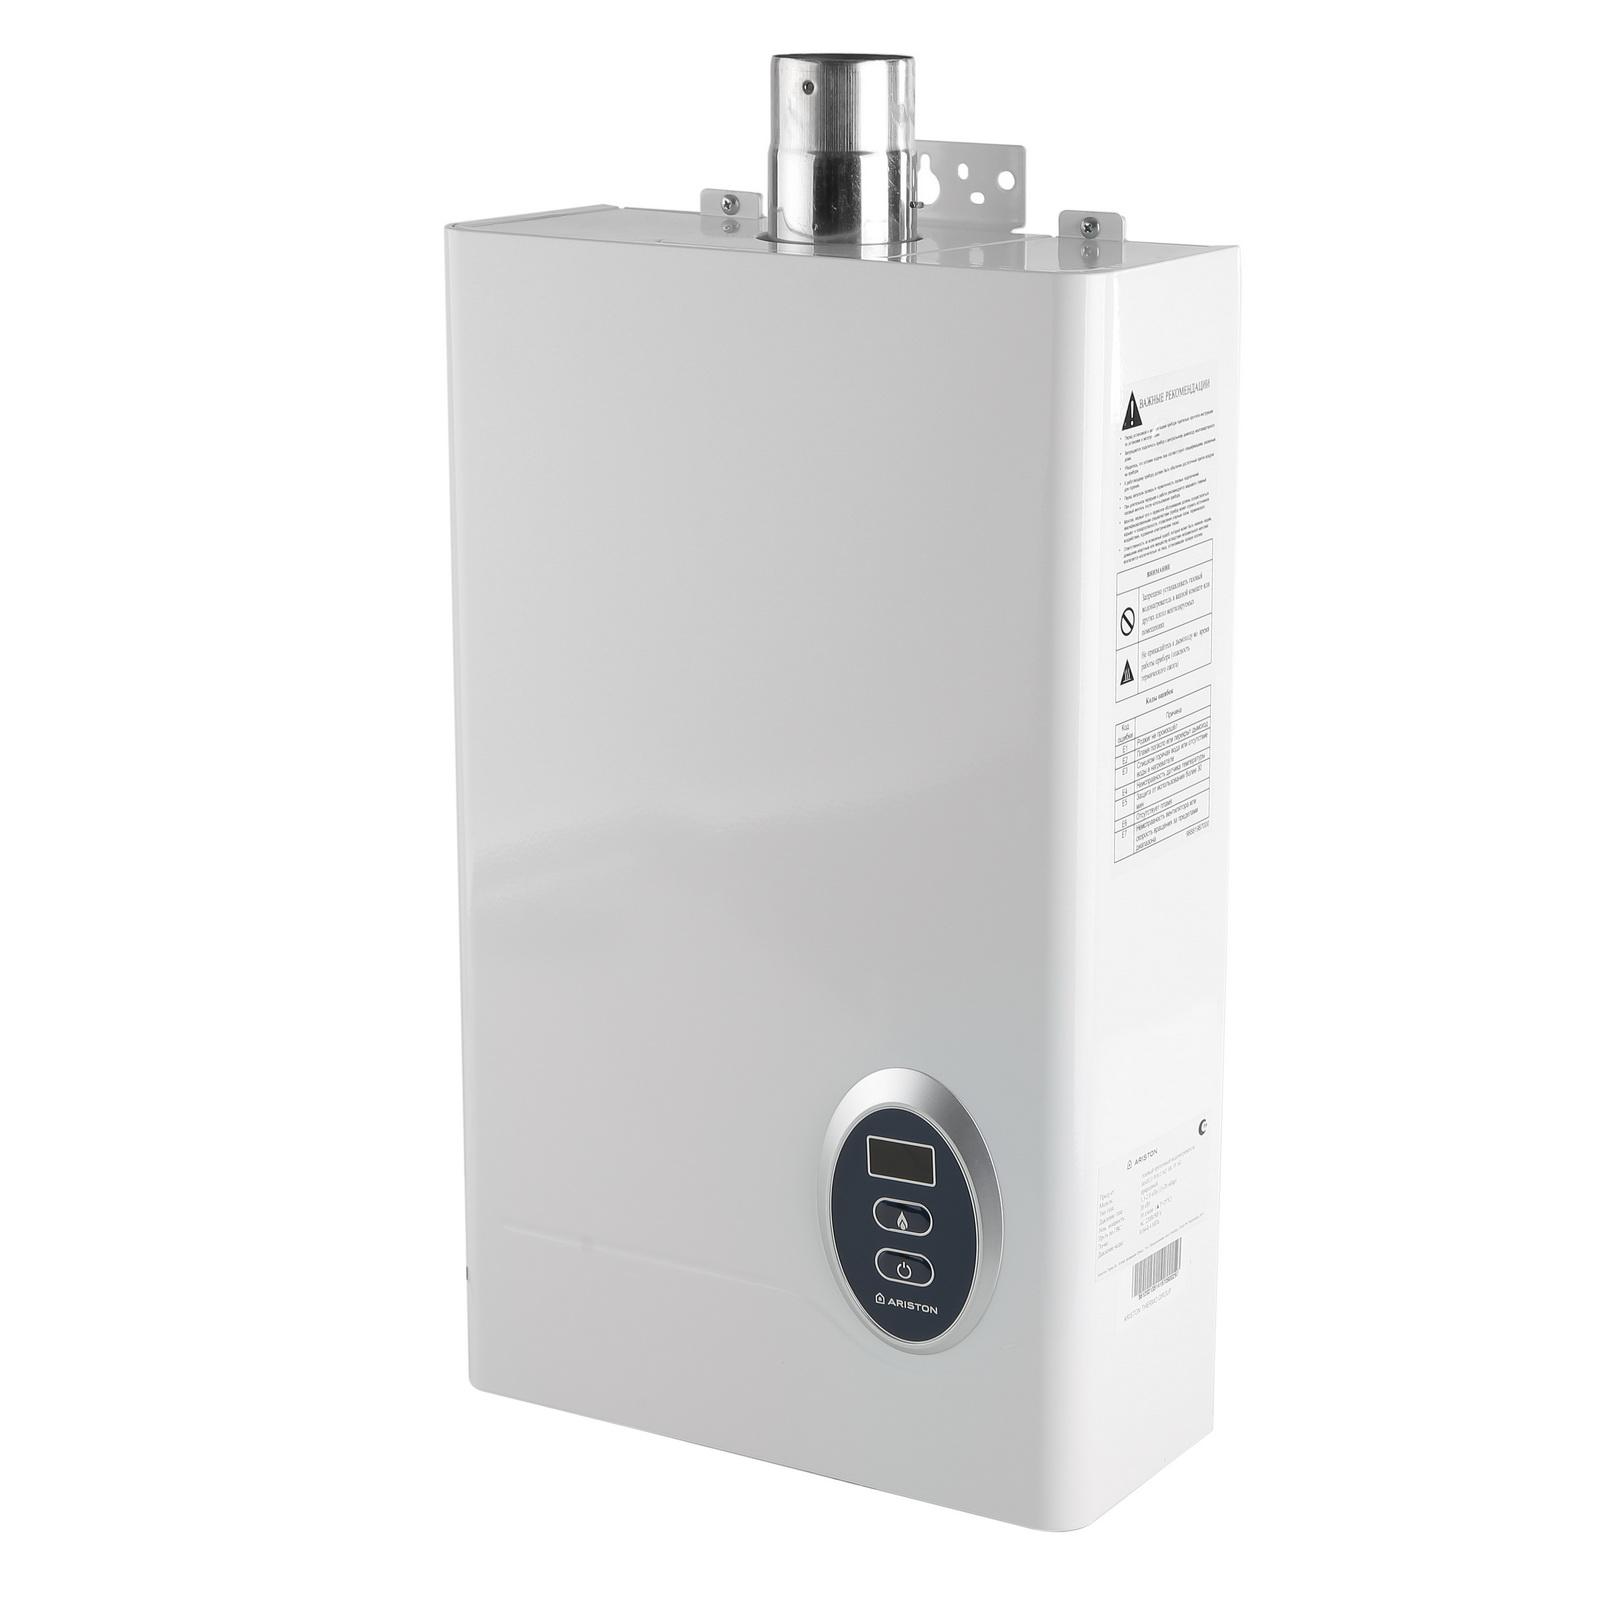 Газовый проточный водонагреватель Ariston Marco polo m2 10l ff газовый